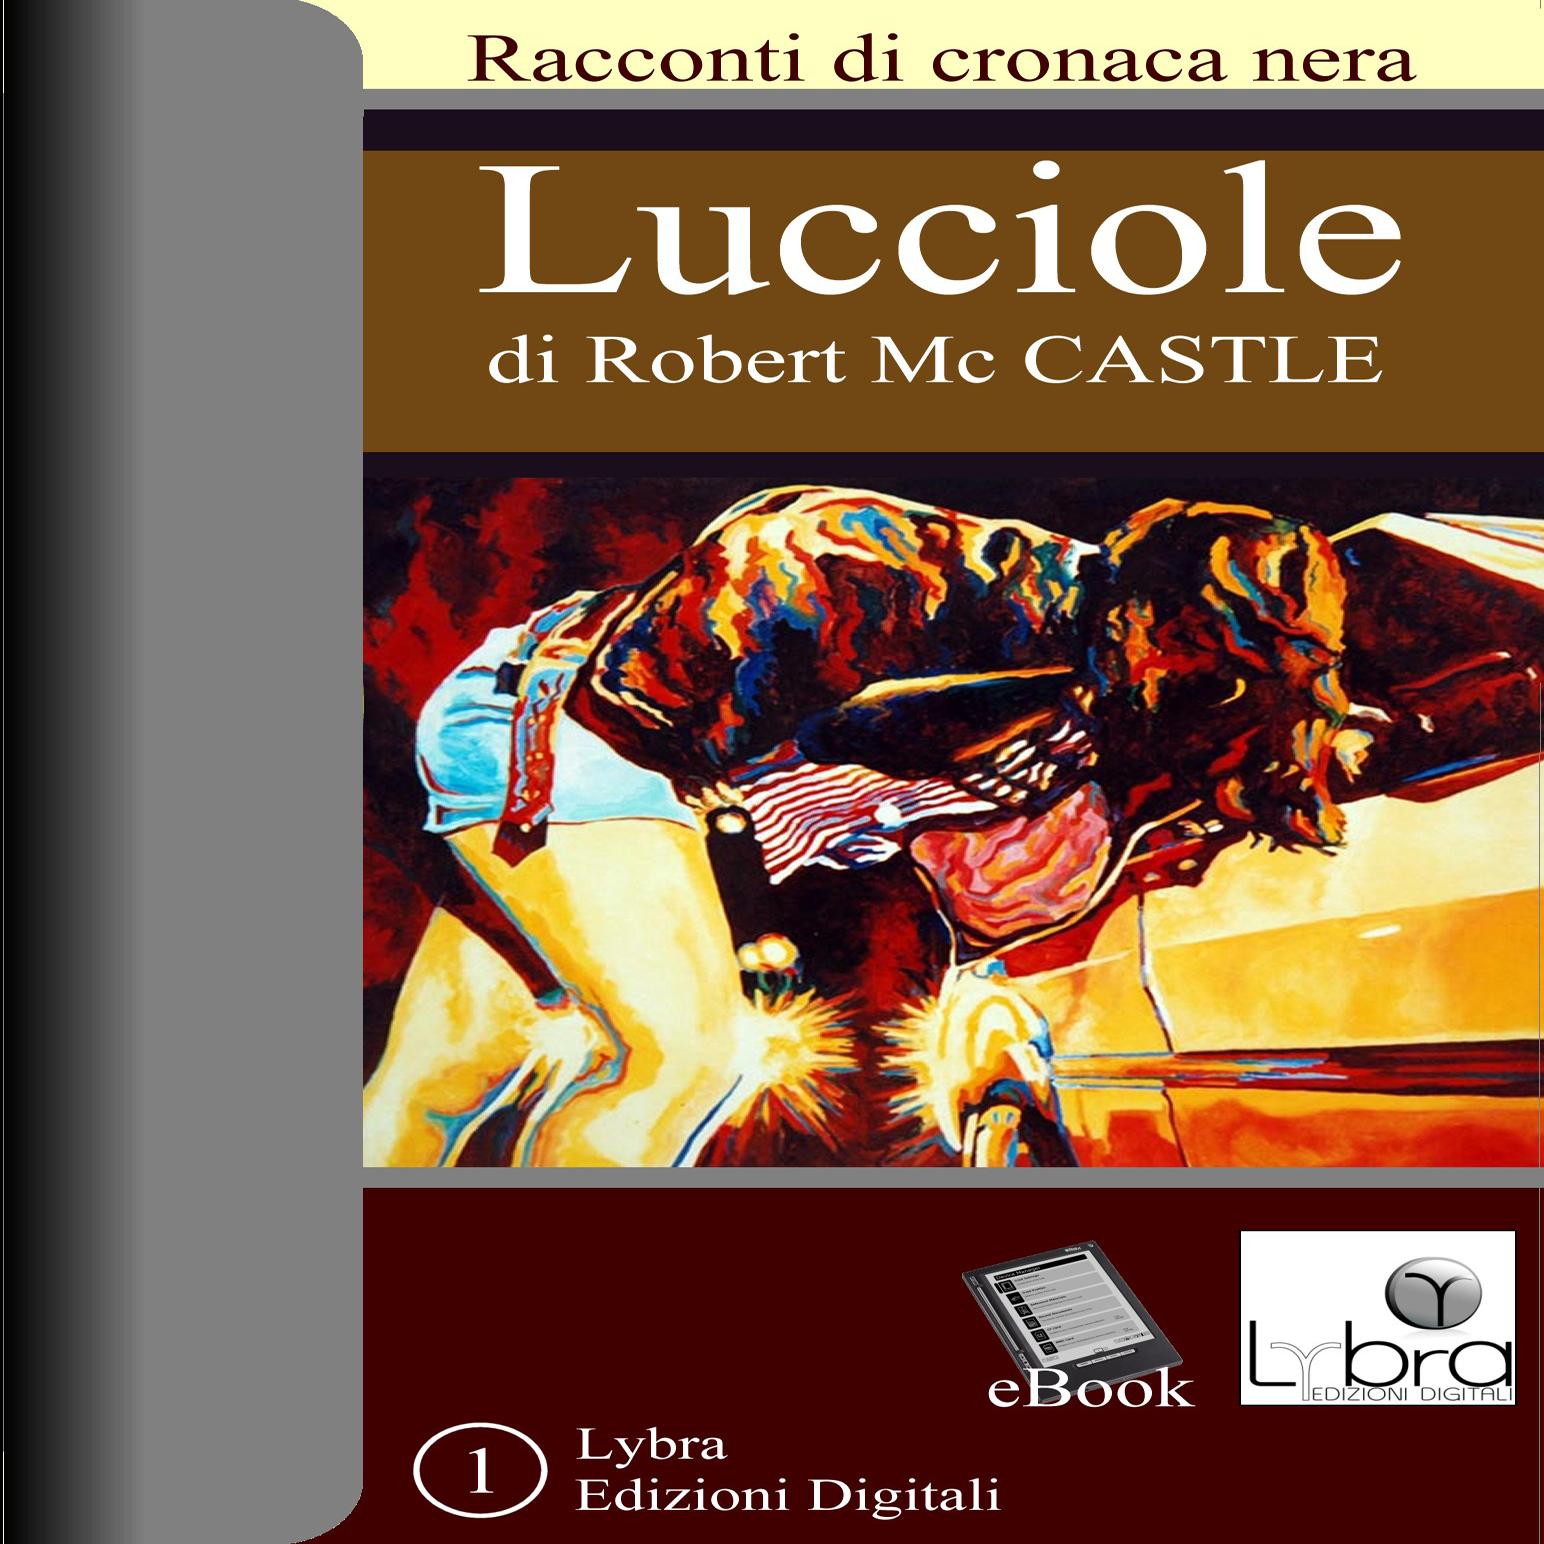 Lucciole-0